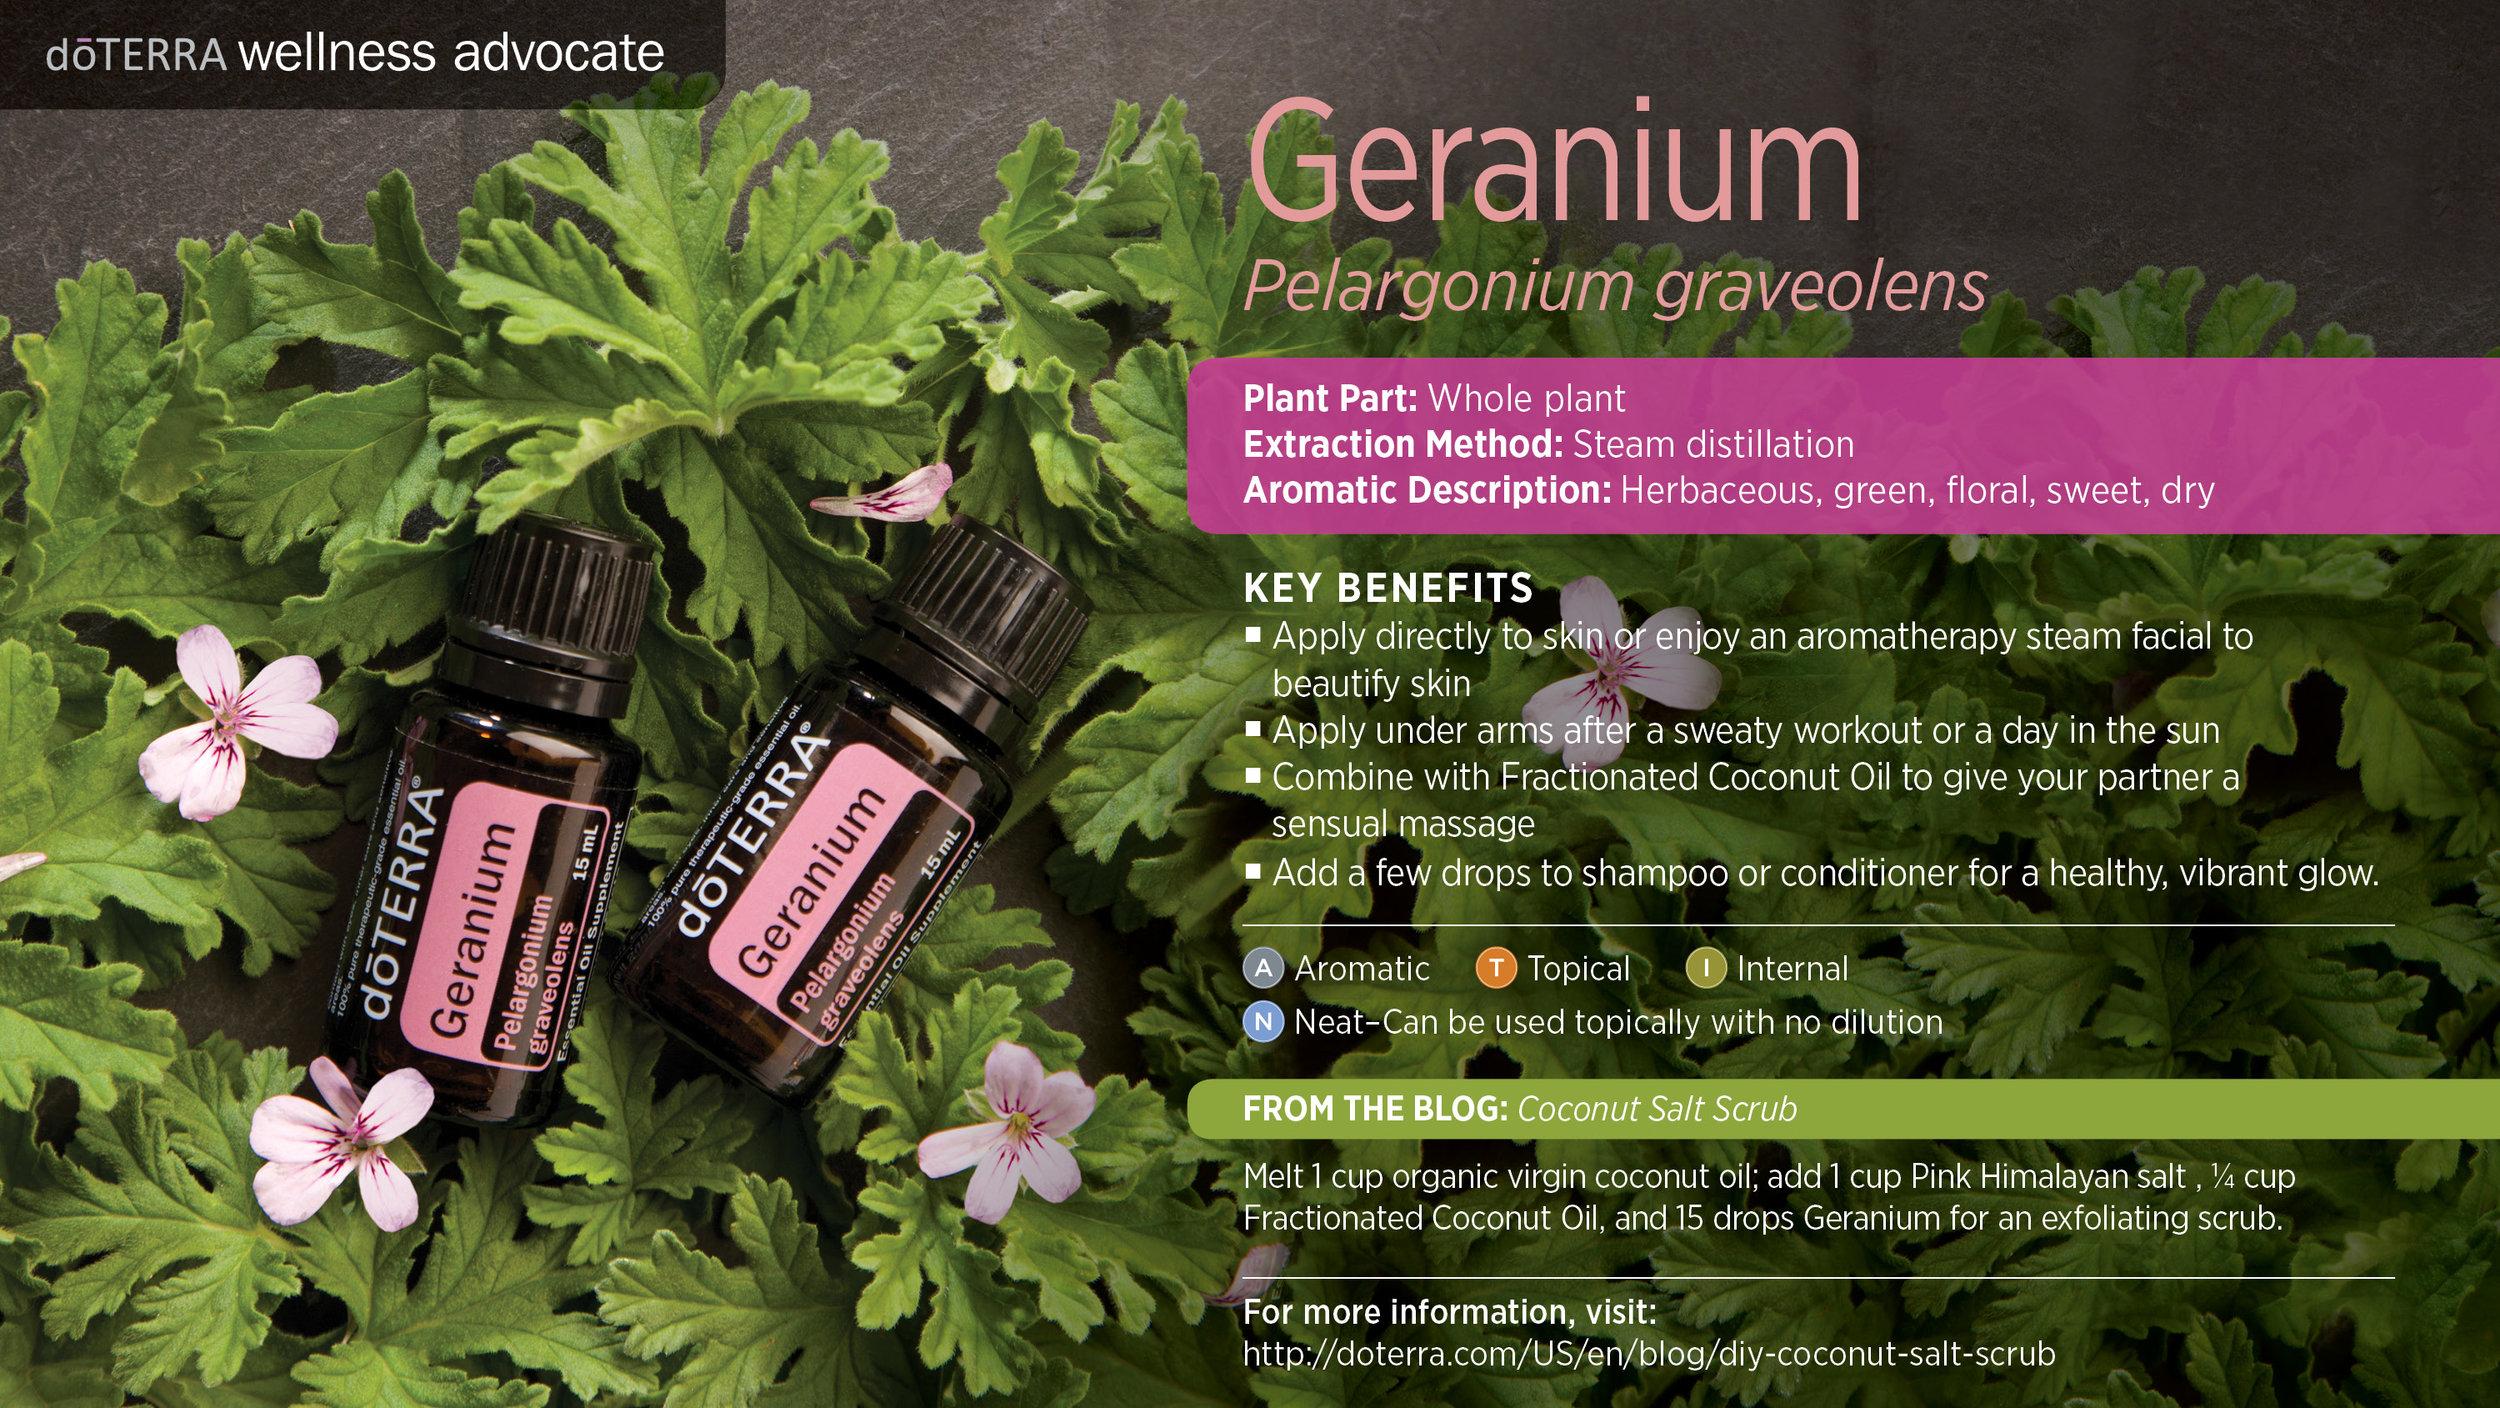 wa-geranium.jpg